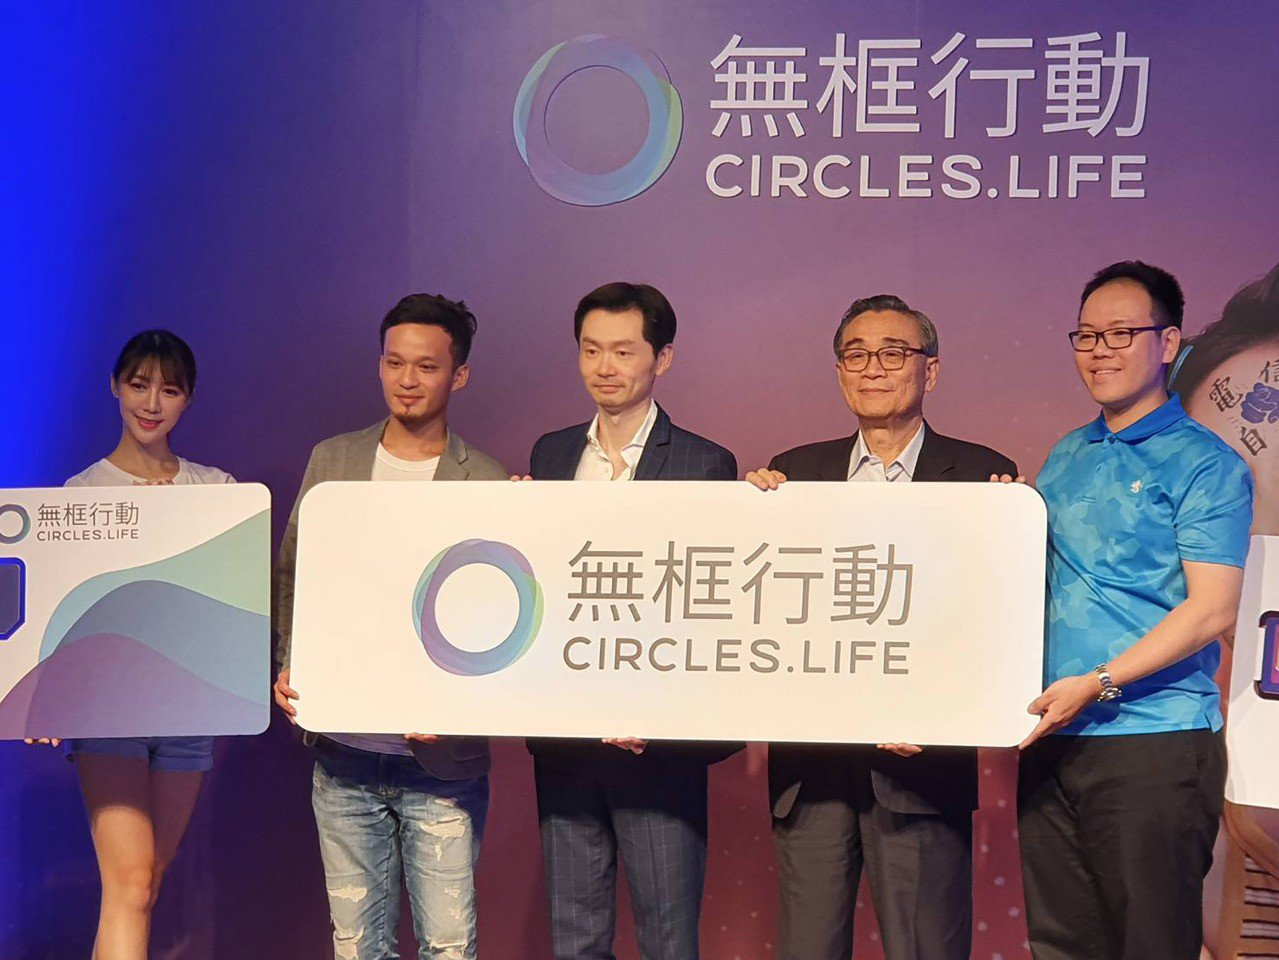 台灣電信市場競爭激烈,新加坡電信商Circles.Life(無框行動)進軍台灣,...